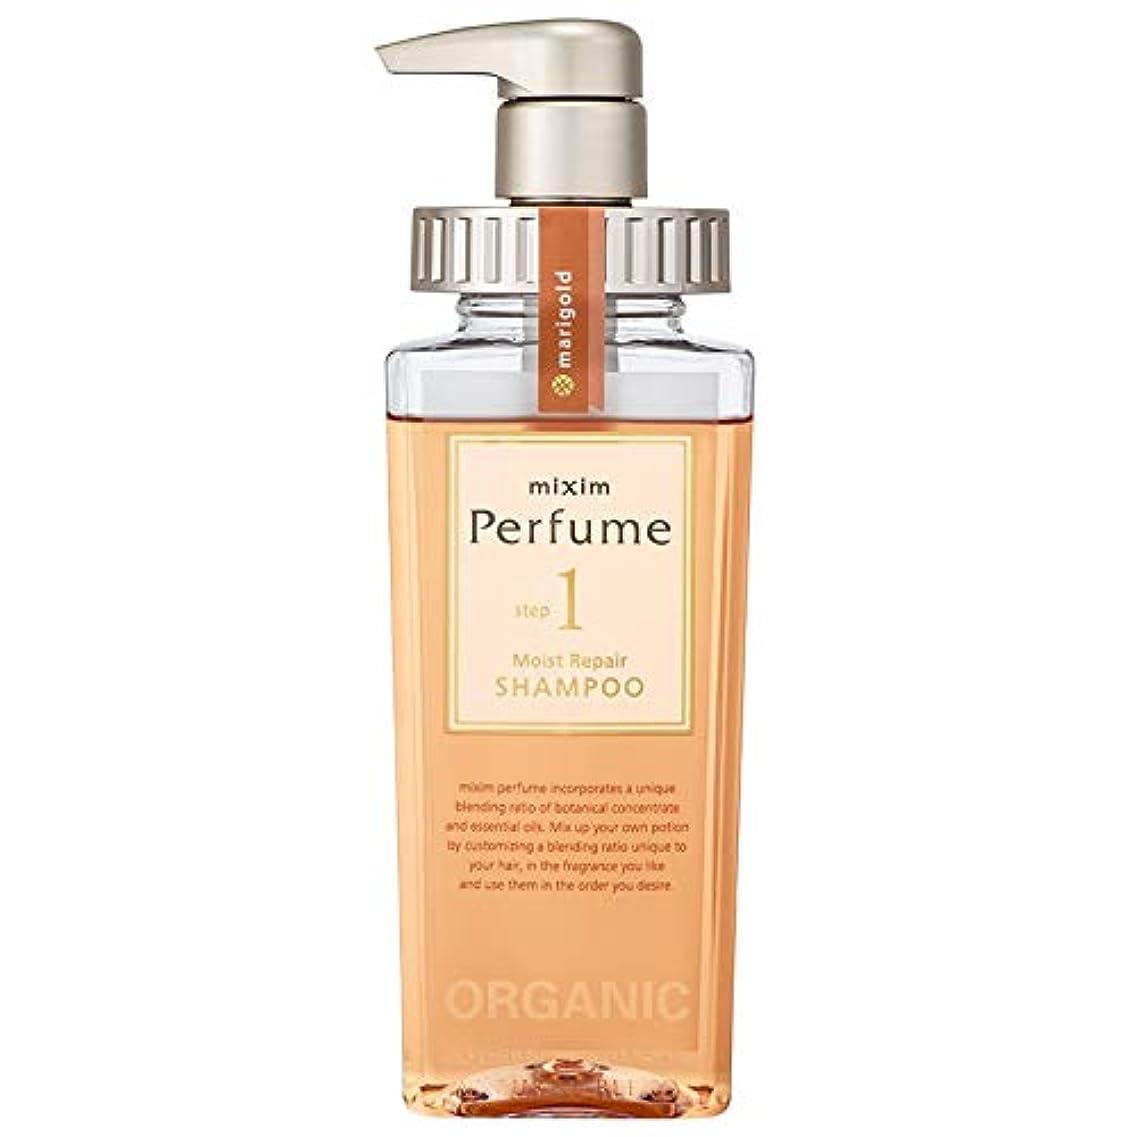 主婦ディンカルビルのためにmixim Perfume(ミクシムパフューム) モイストリペア シャンプー 440mL